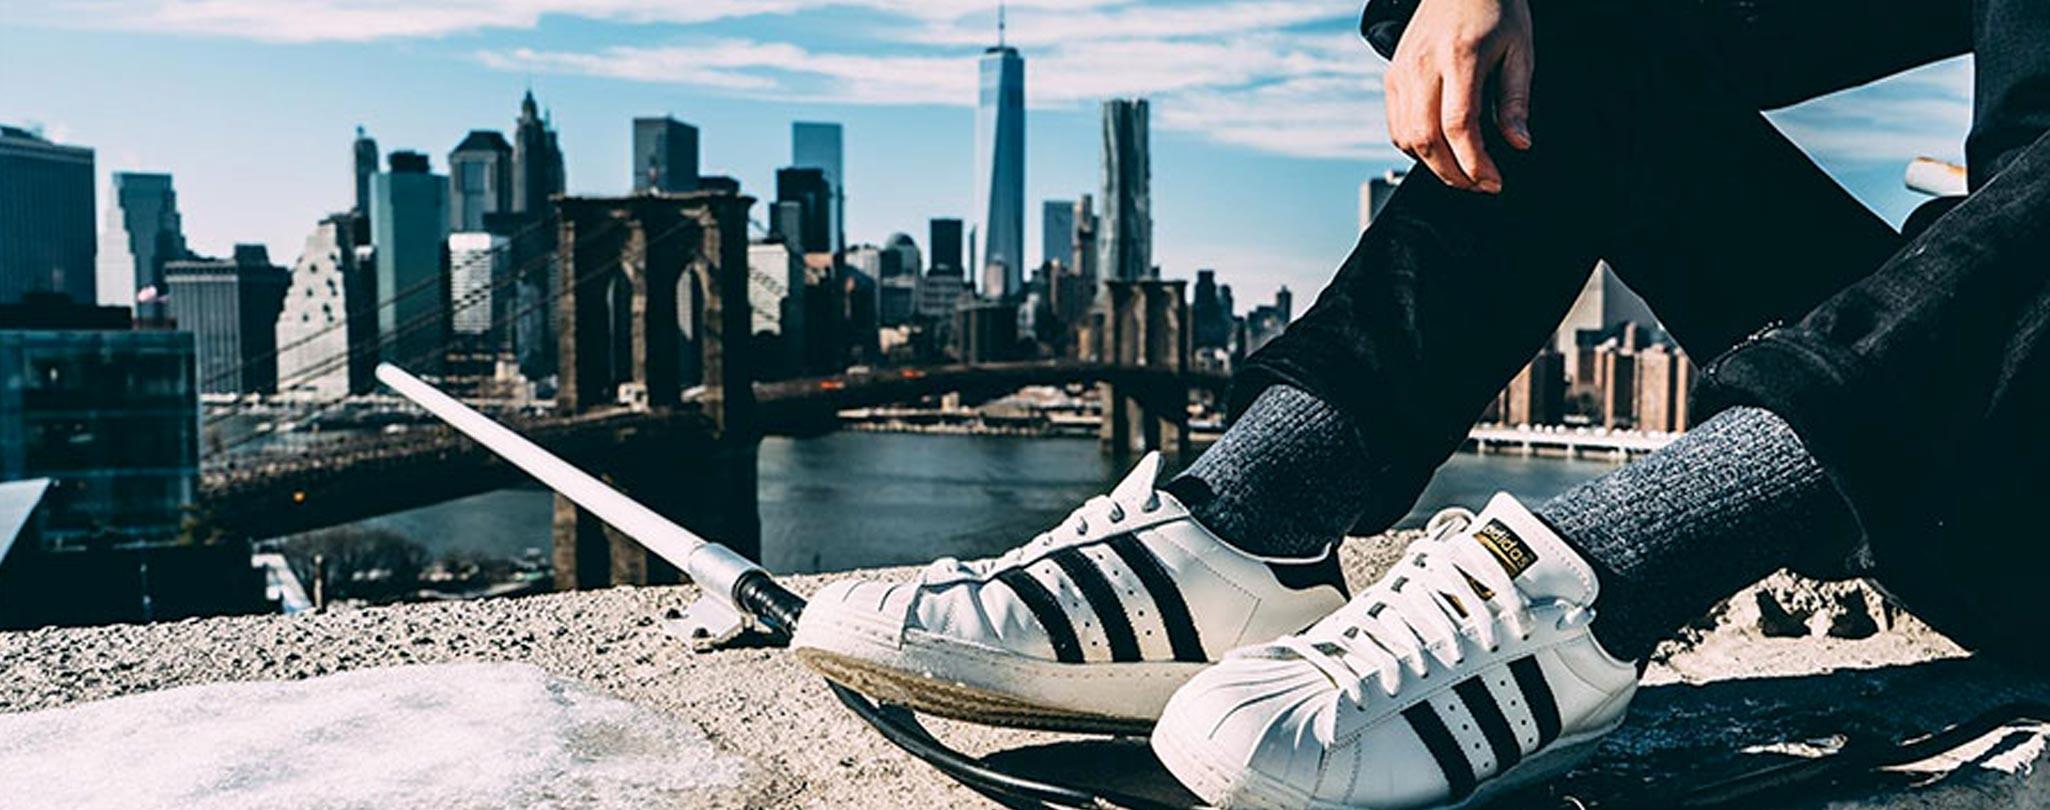 Мужские кроссовки - какие лучше?